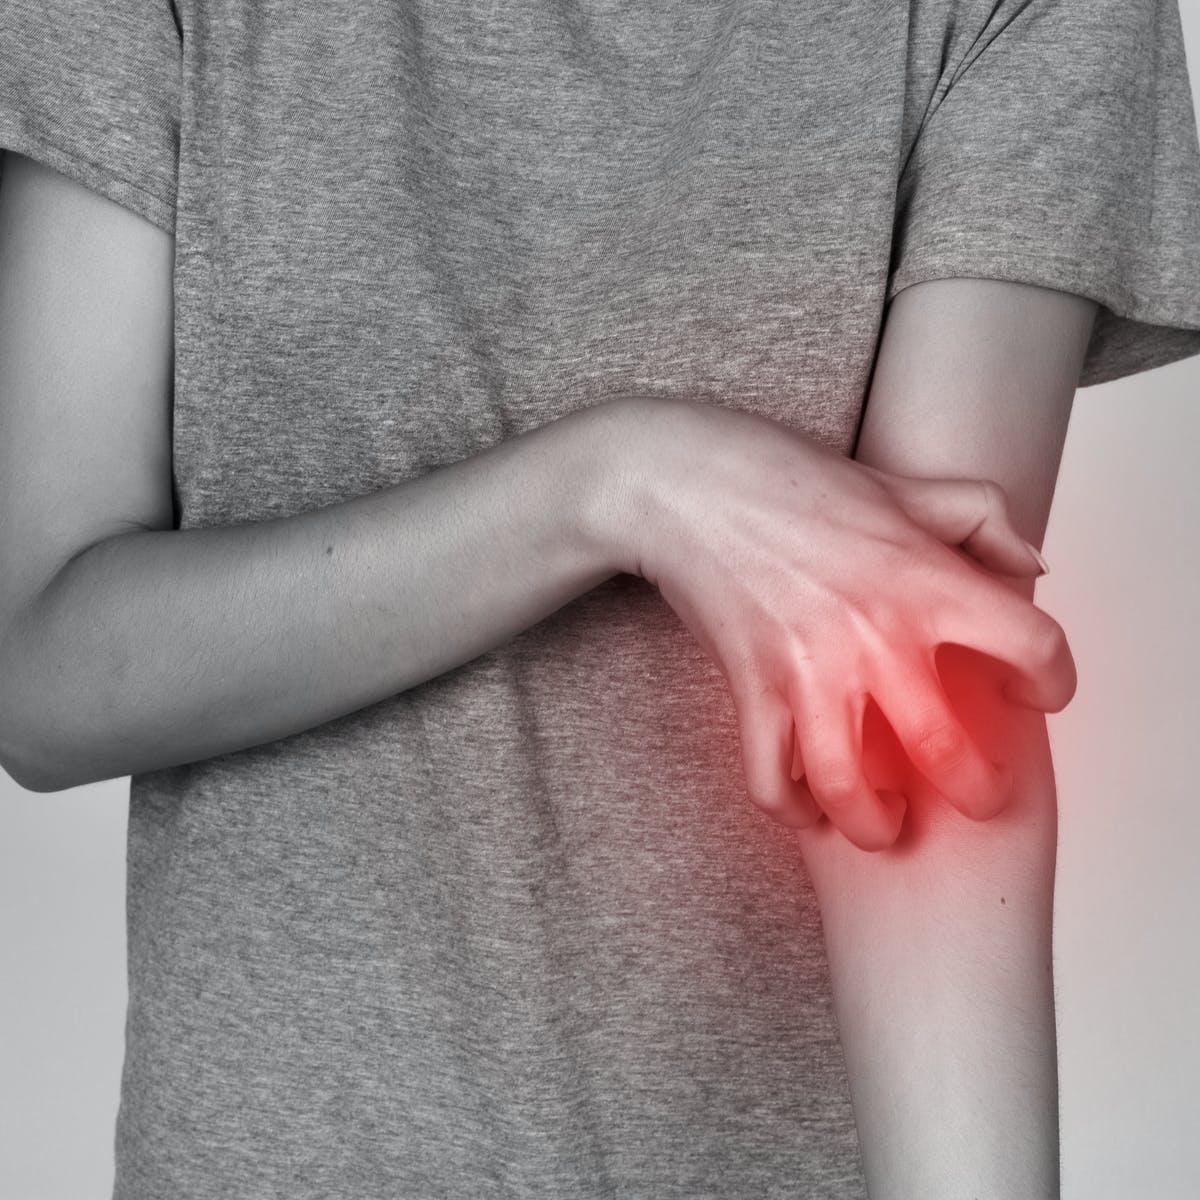 بیماری گال چیست؟ علائم بیماری انگلی گال